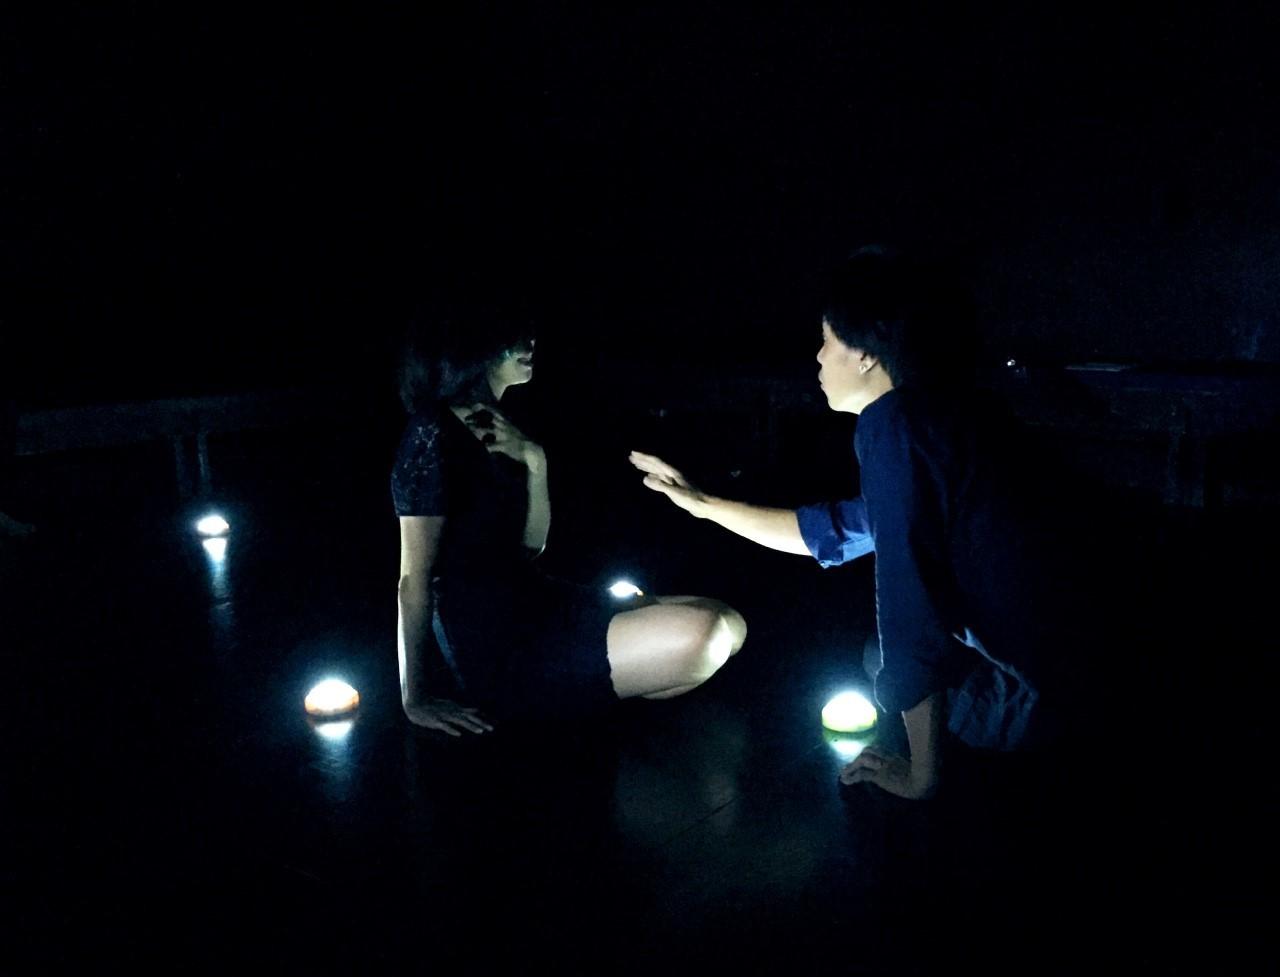 アムリタ6「死に至る眼、光る」(2015年9月)